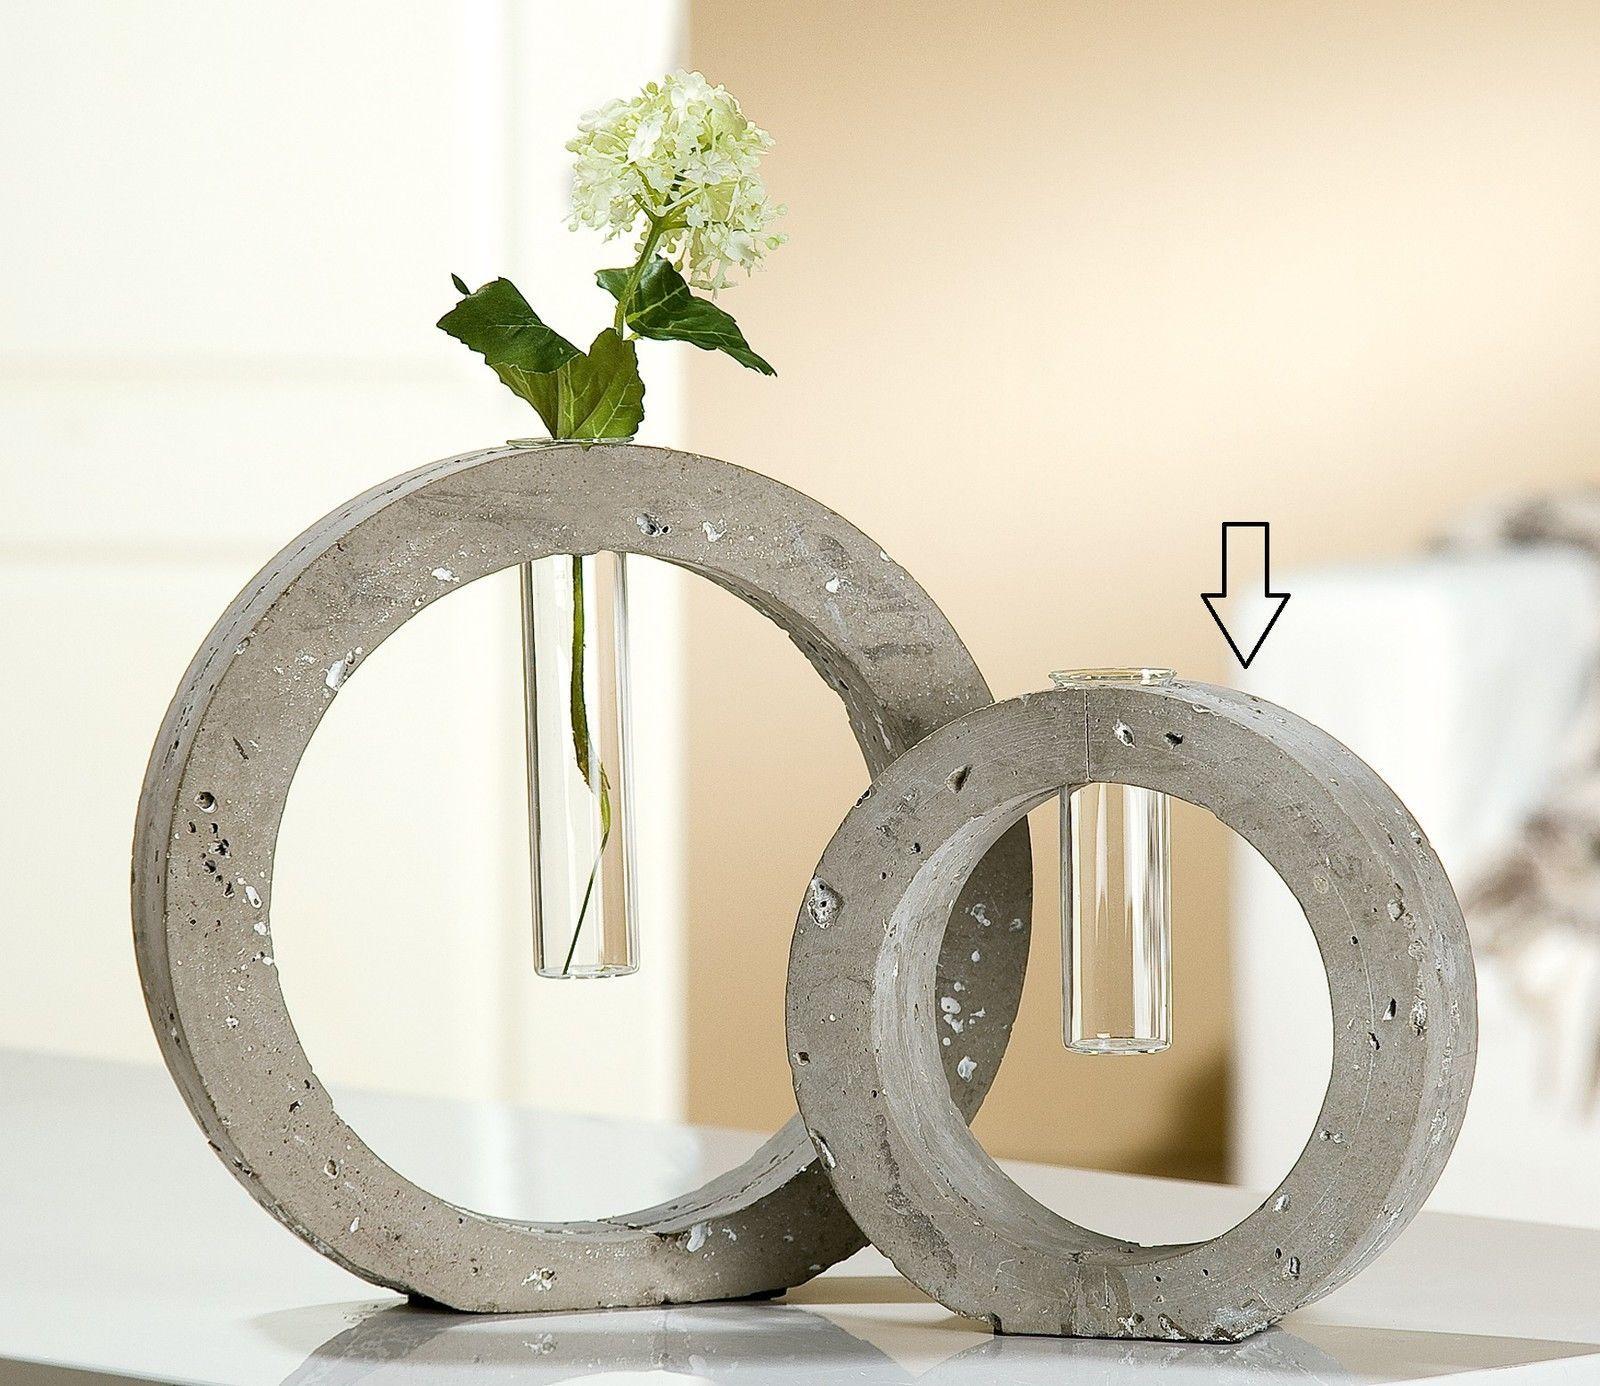 blumenvasen aus beton ganz anders beton zemet usw pinterest blumenvase zement und diy beton. Black Bedroom Furniture Sets. Home Design Ideas